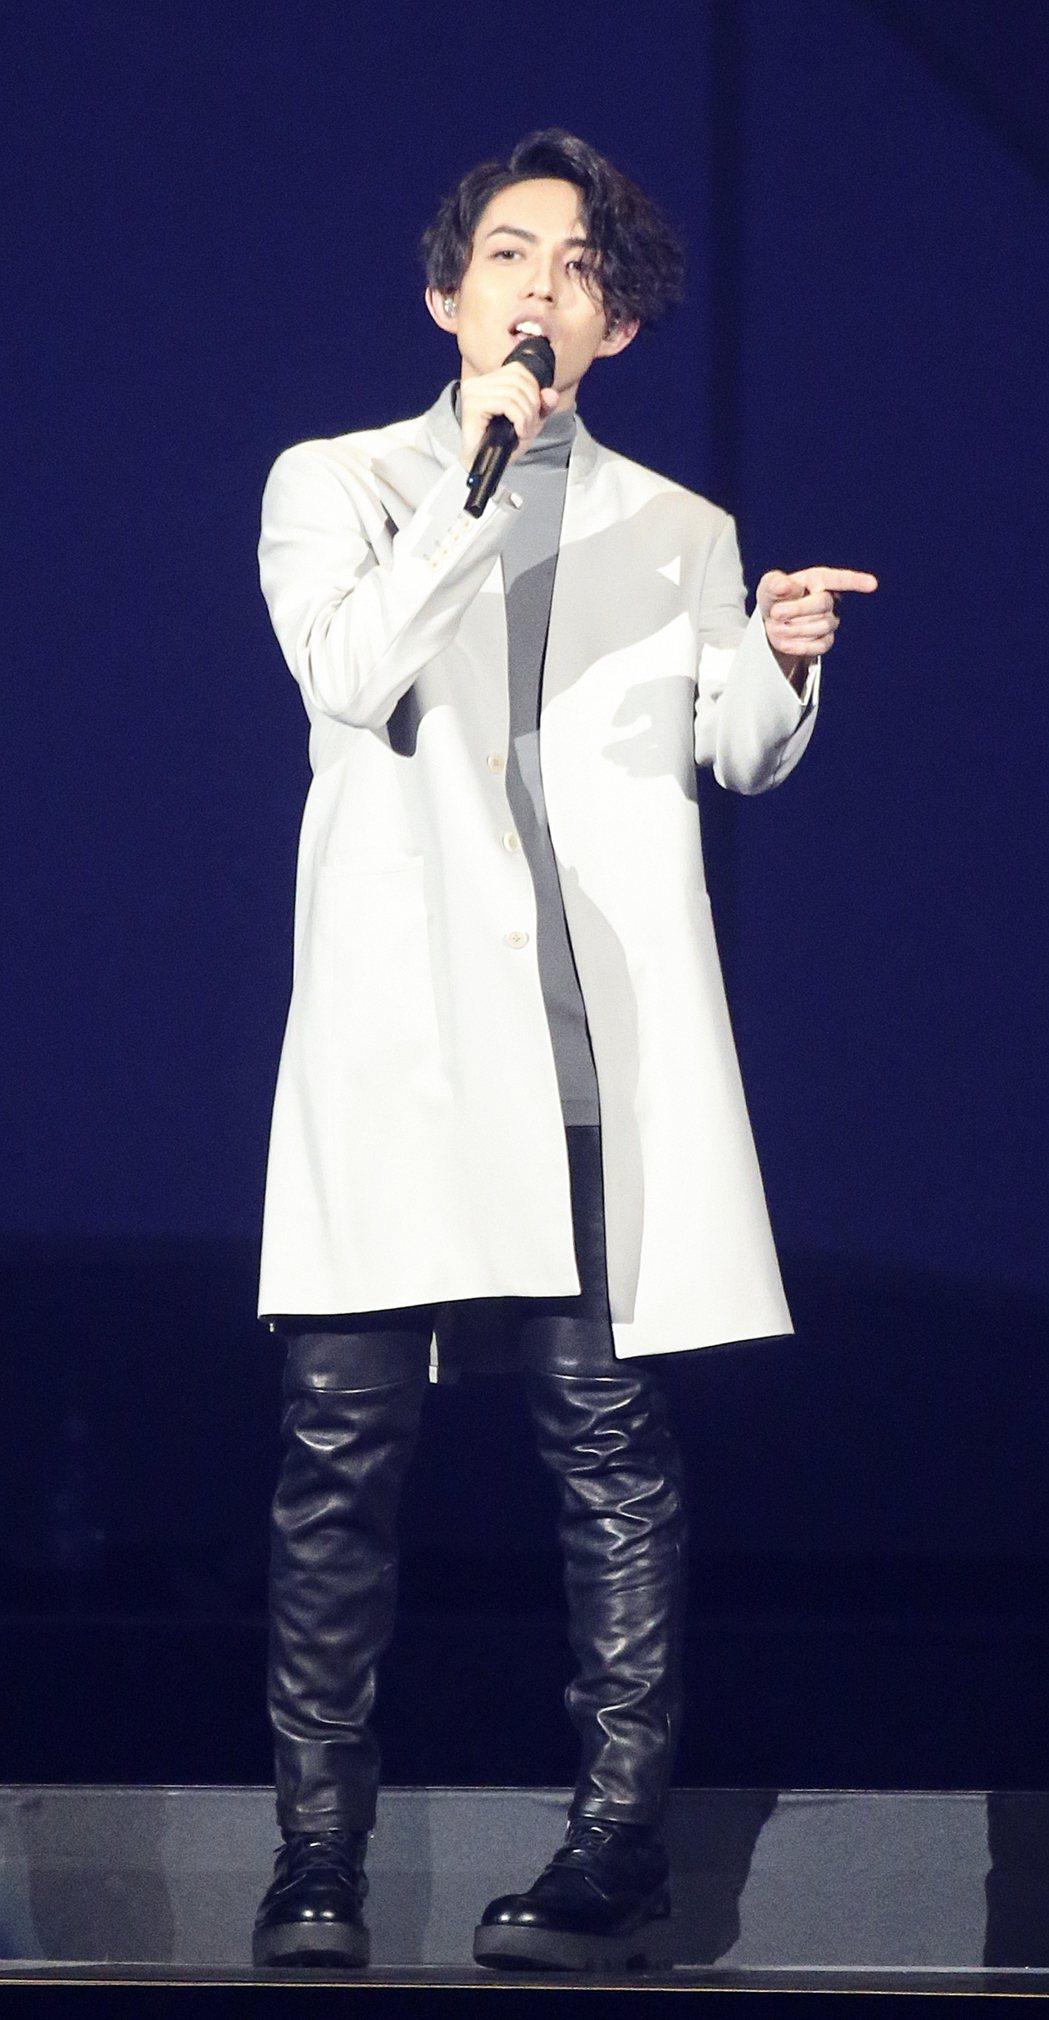 林宥嘉昨天在台北小巨蛋舉辦演唱會。記者黃威彬/攝影